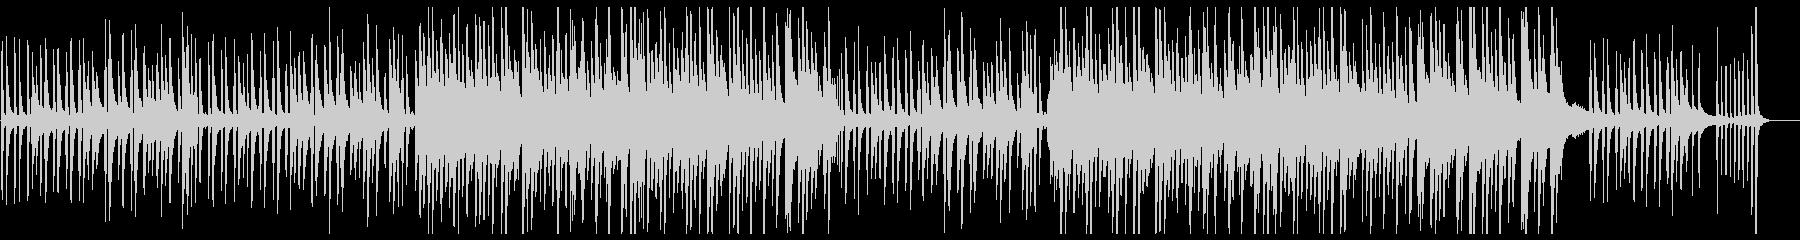 優しく美しいピアノワルツの未再生の波形